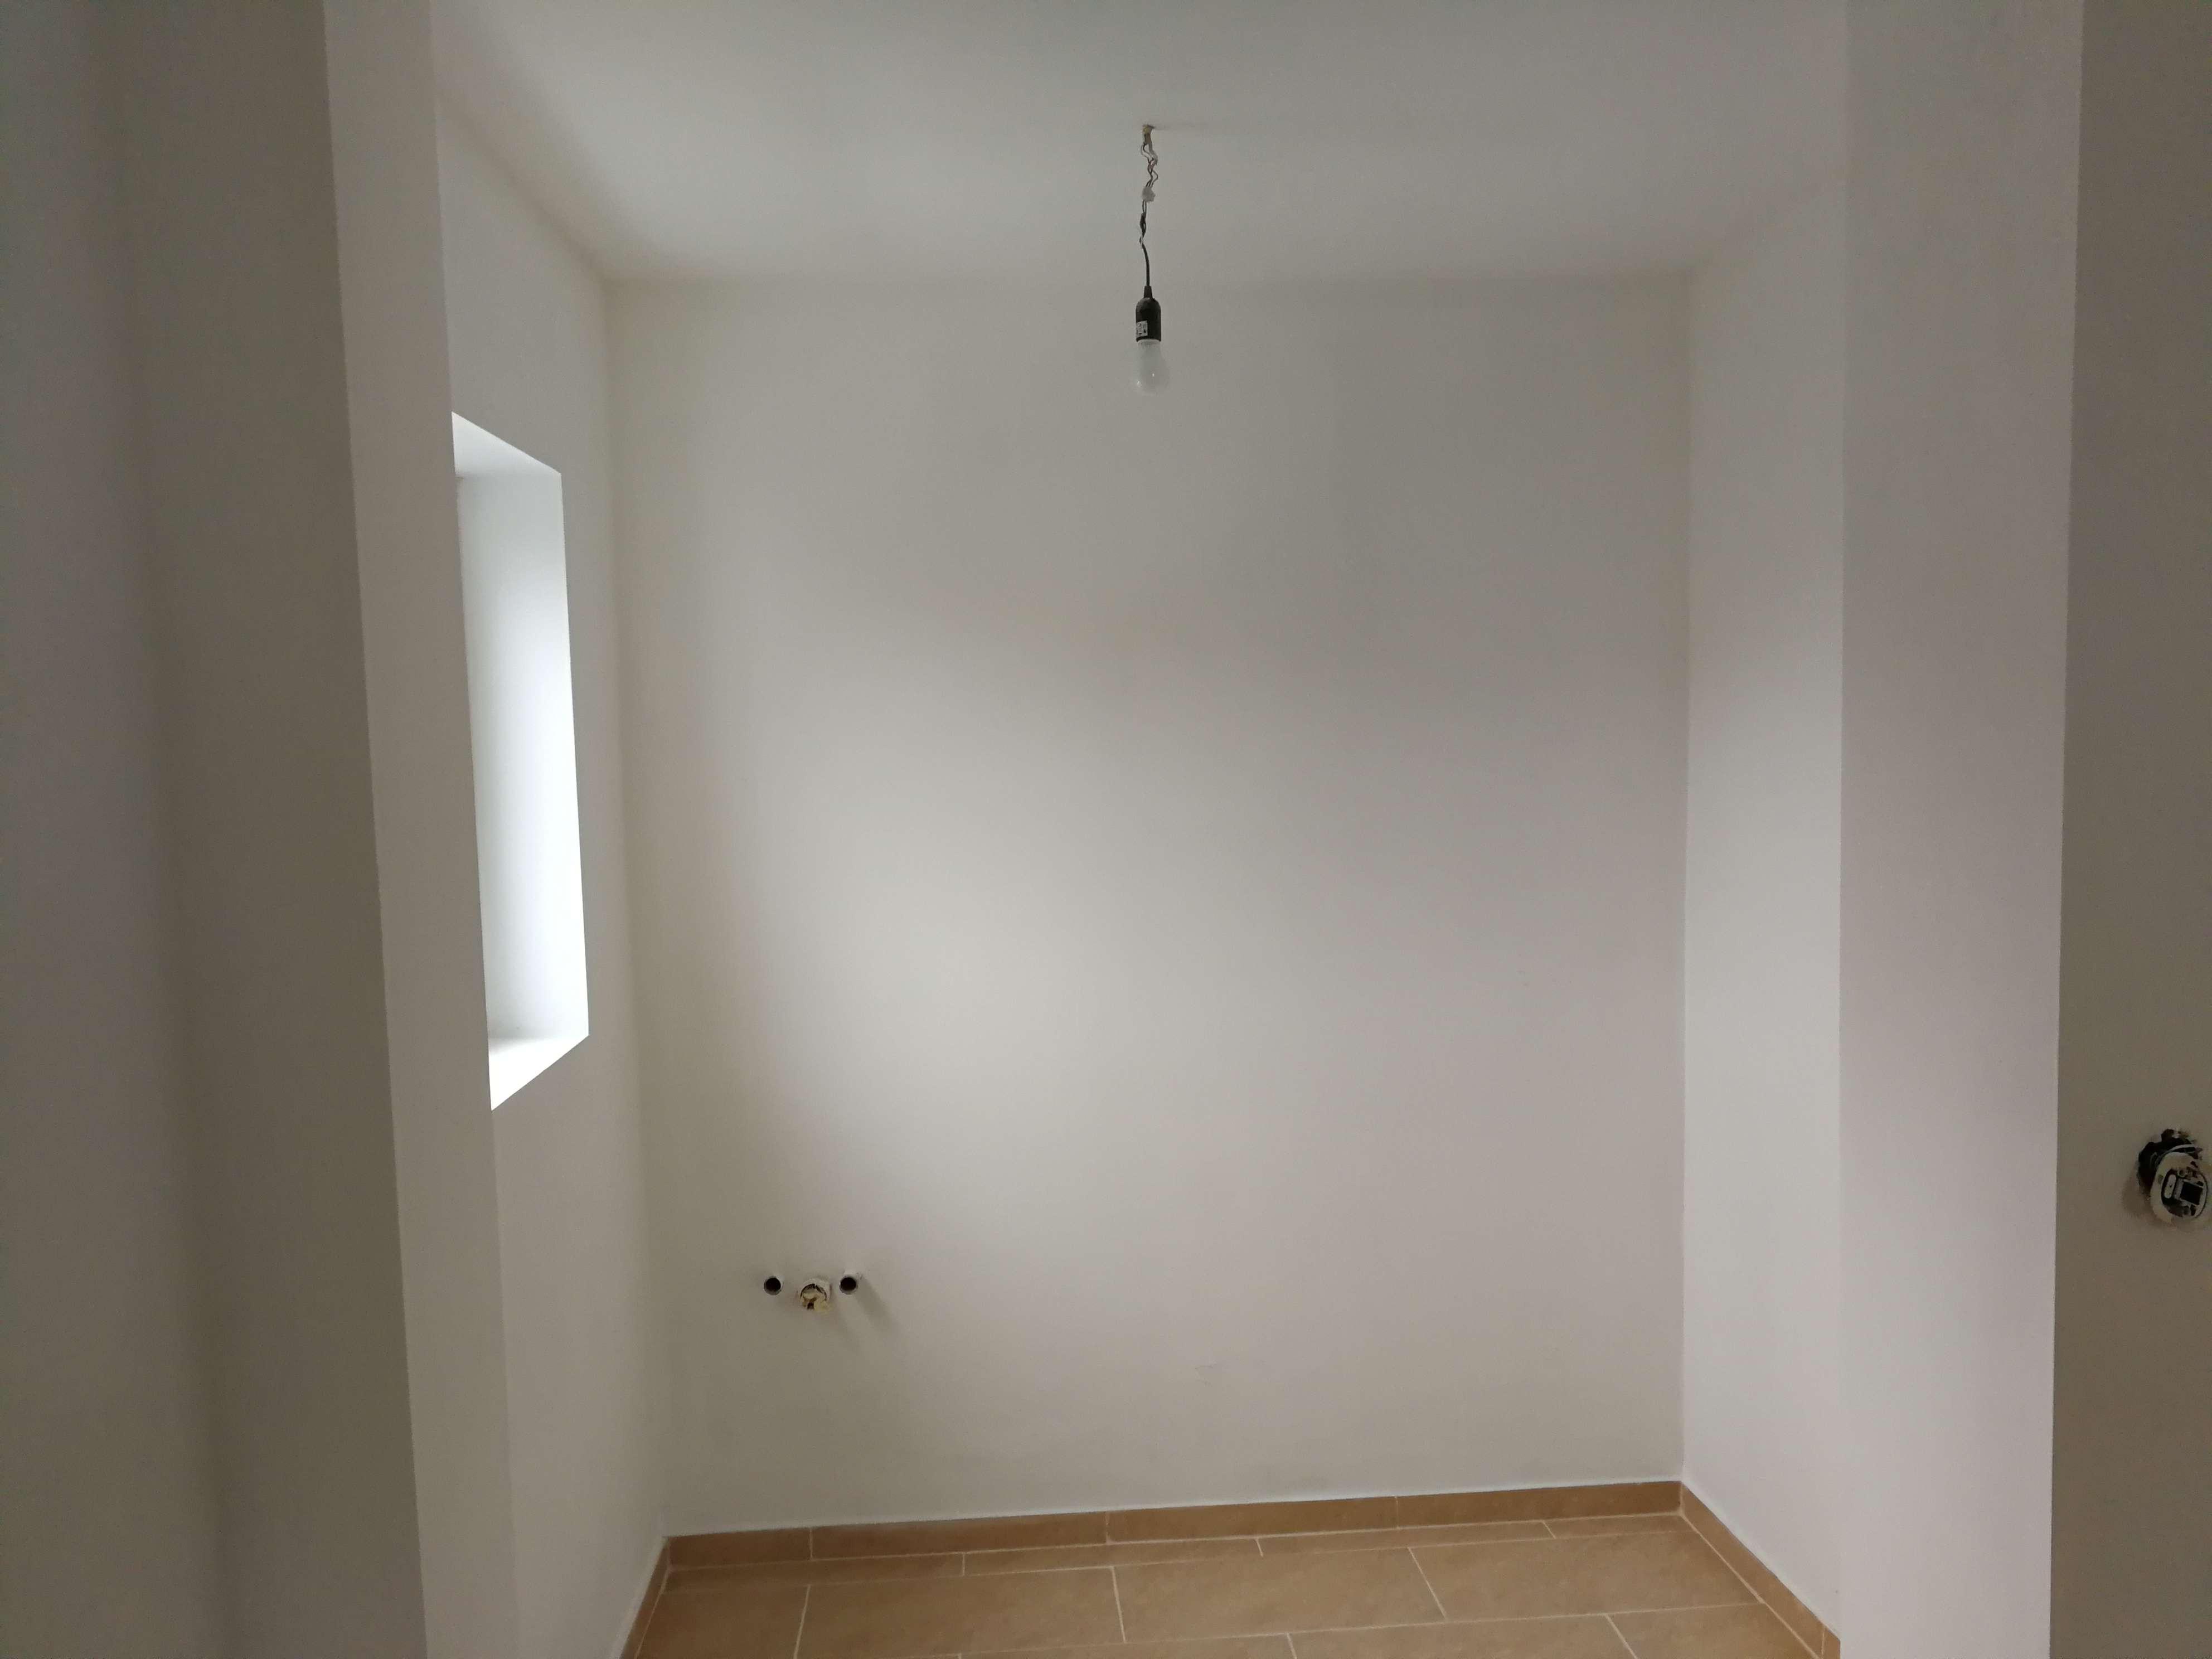 Vollständig renovierte 3-Zimmer-Wohnung  mit Kitchenette und mit Balkon in Hattenhofen-Haspelmoor in Hattenhofen (Fürstenfeldbruck)